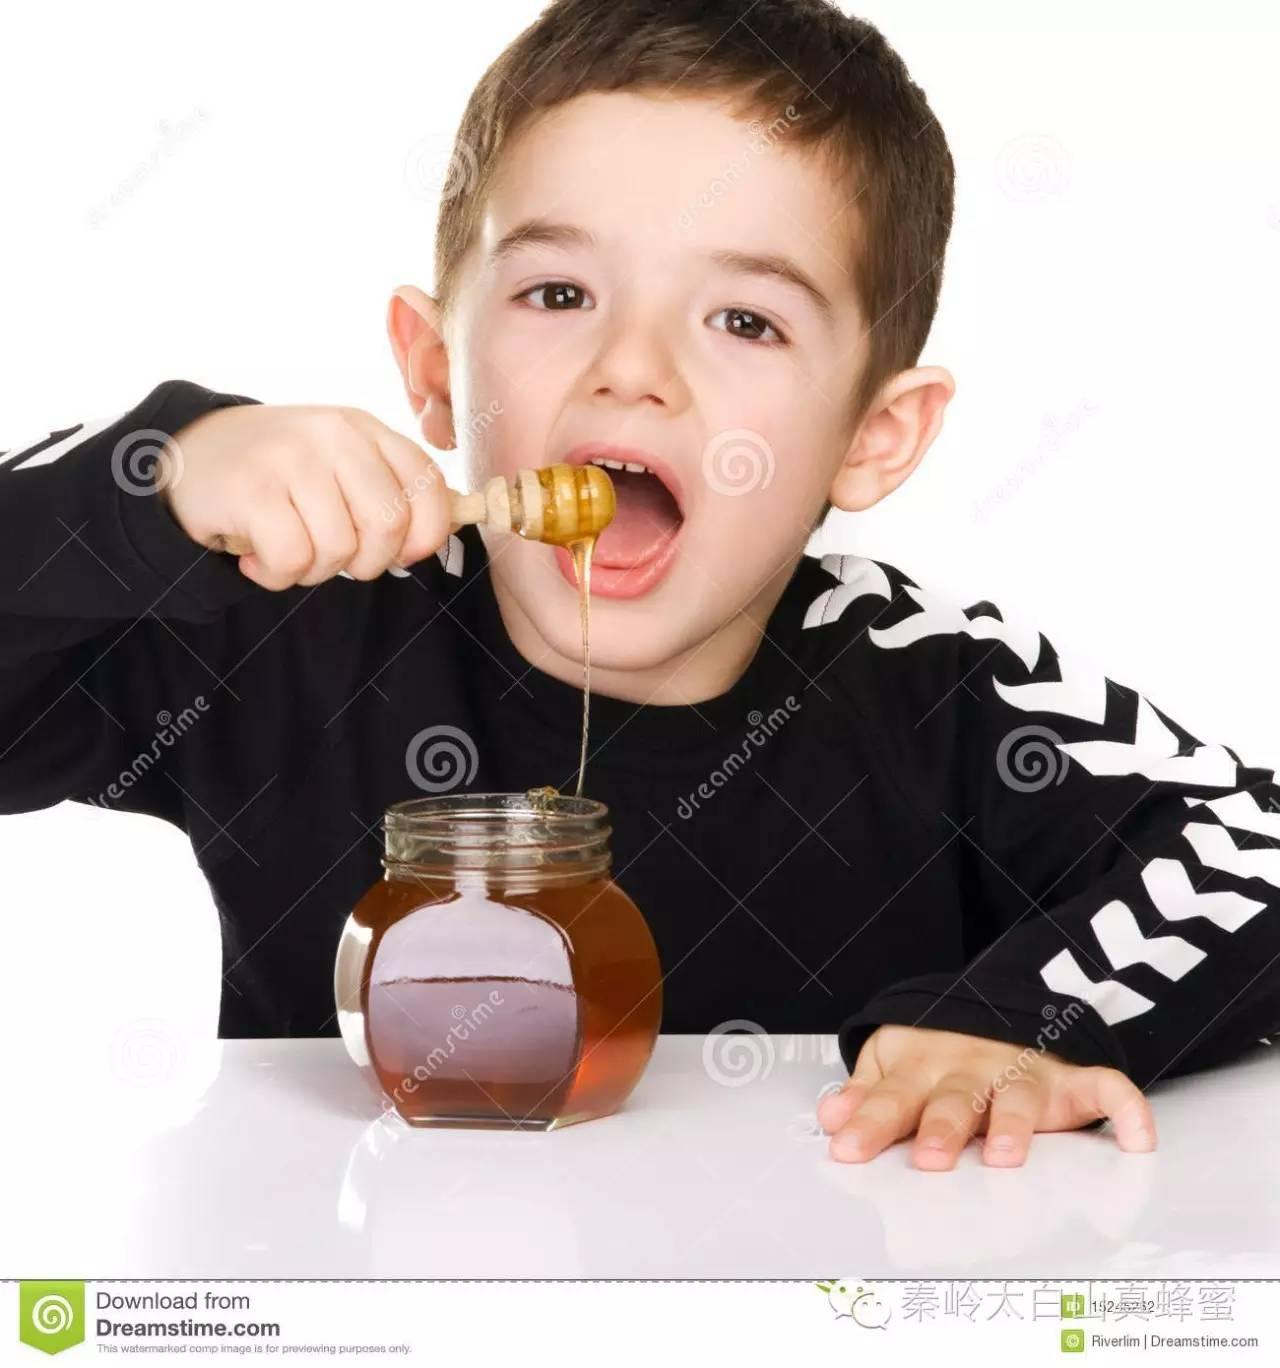 女人常喝蜂蜜水不好 柠檬腌蜂蜜比例 东北黑蜂蜂蜜价格 哪种牌子的蜂蜜最好 三七粉加蜂蜜面膜